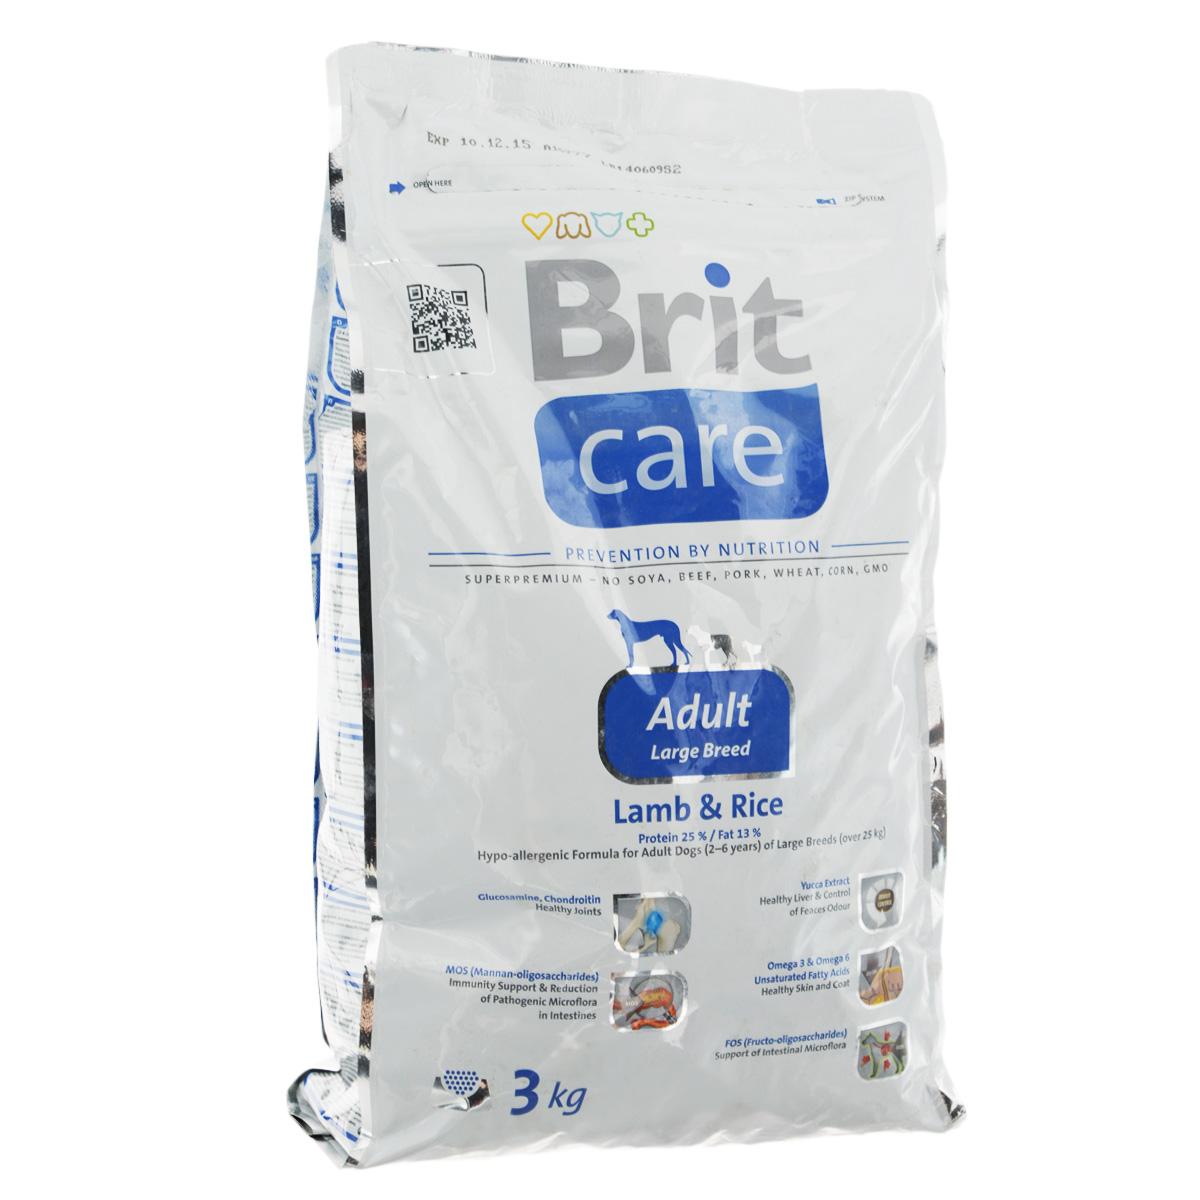 Корм сухой Brit Care Adult Large Breed для собак крупных пород, с ягненком и рисом, 3 кг100402Сухой корм Brit Care Adult Large Breed - это полноценный рацион для собак крупных пород. Оптимальное соотношение Омега-3 и Омега-6 жирных кислот с органическим цинком и медью обеспечивает здоровое состояние кожи и улучшает качество шерсти. Состав: баранина, рис, куриный жир (консервированный при помощи токоферолов), жир лосося, натуральные ароматы, хлопья риса, сушеная мякоть репы, пивные дрожжи, сушеные яичные продукты, экстракт из юкки шидигеры, сушеные яблоки, минералы, глюкозоамин гидрохлорид, сульфат хондроитина, ДЛ-метионин, Л-лизин, олигосахарид маннана, фрукто-олигосахариды, сульфат пентогидрат меди, ниацин, кальций пантотенат, фолиевая кислота, хлорид холина, биотин, витамин А, витамин Д3, витамин Е. Аналитические составляющие: белки 25 %, жиры 13 %, влажность 10 %, сырая зола 6,5 %, клетчатка 2,5 %, кальций 1,5 %, фосфор 1 %. Добавки на кг: витамин А: 20000; витамин D3: 1500; витамин Е: 500 мг/кг; железо: 80; йод: 0,65; медь: 20. ...